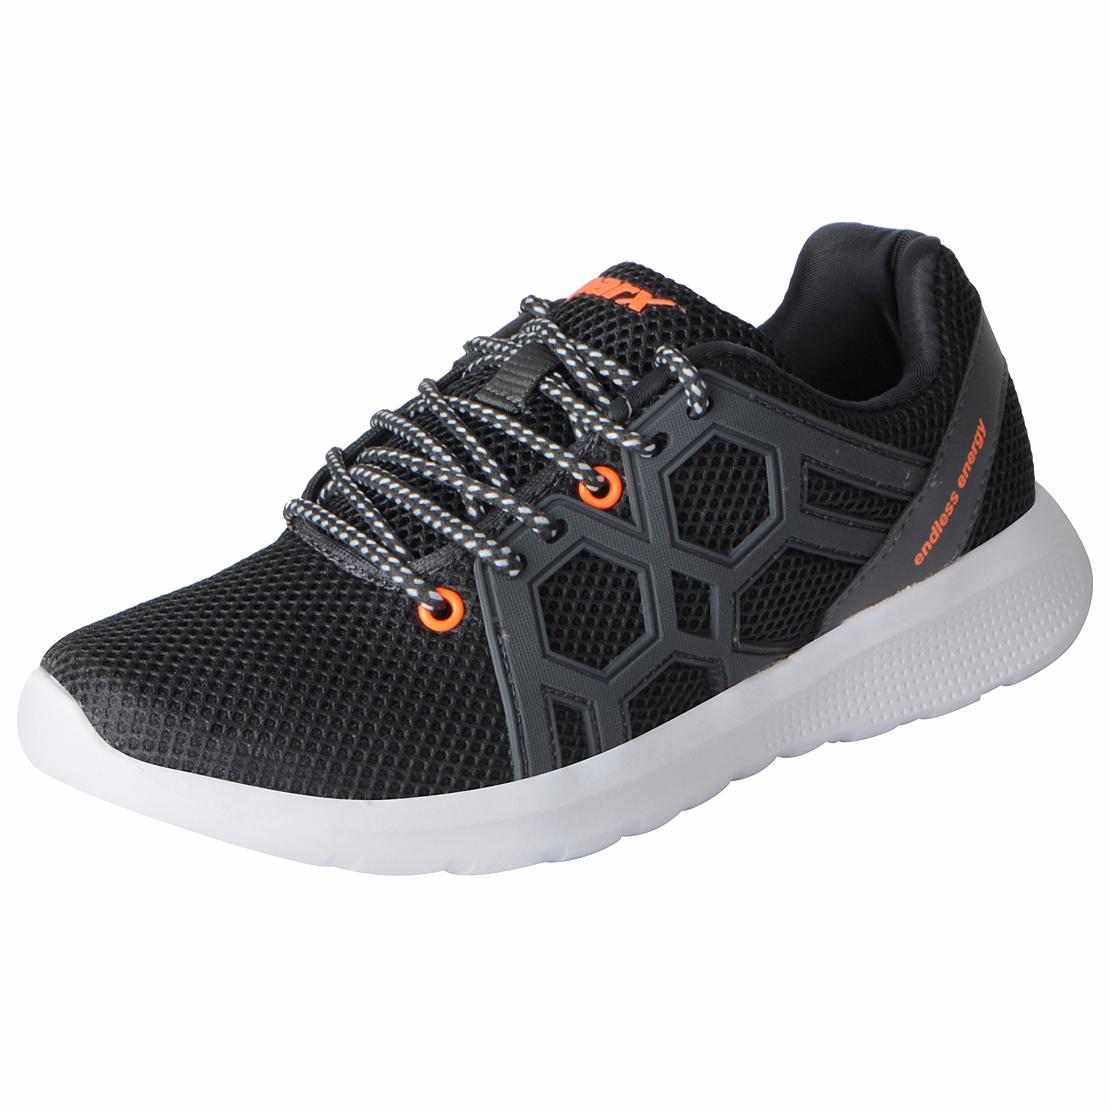 Sparx Men's Grey Orange Mesh Sports Running Shoes